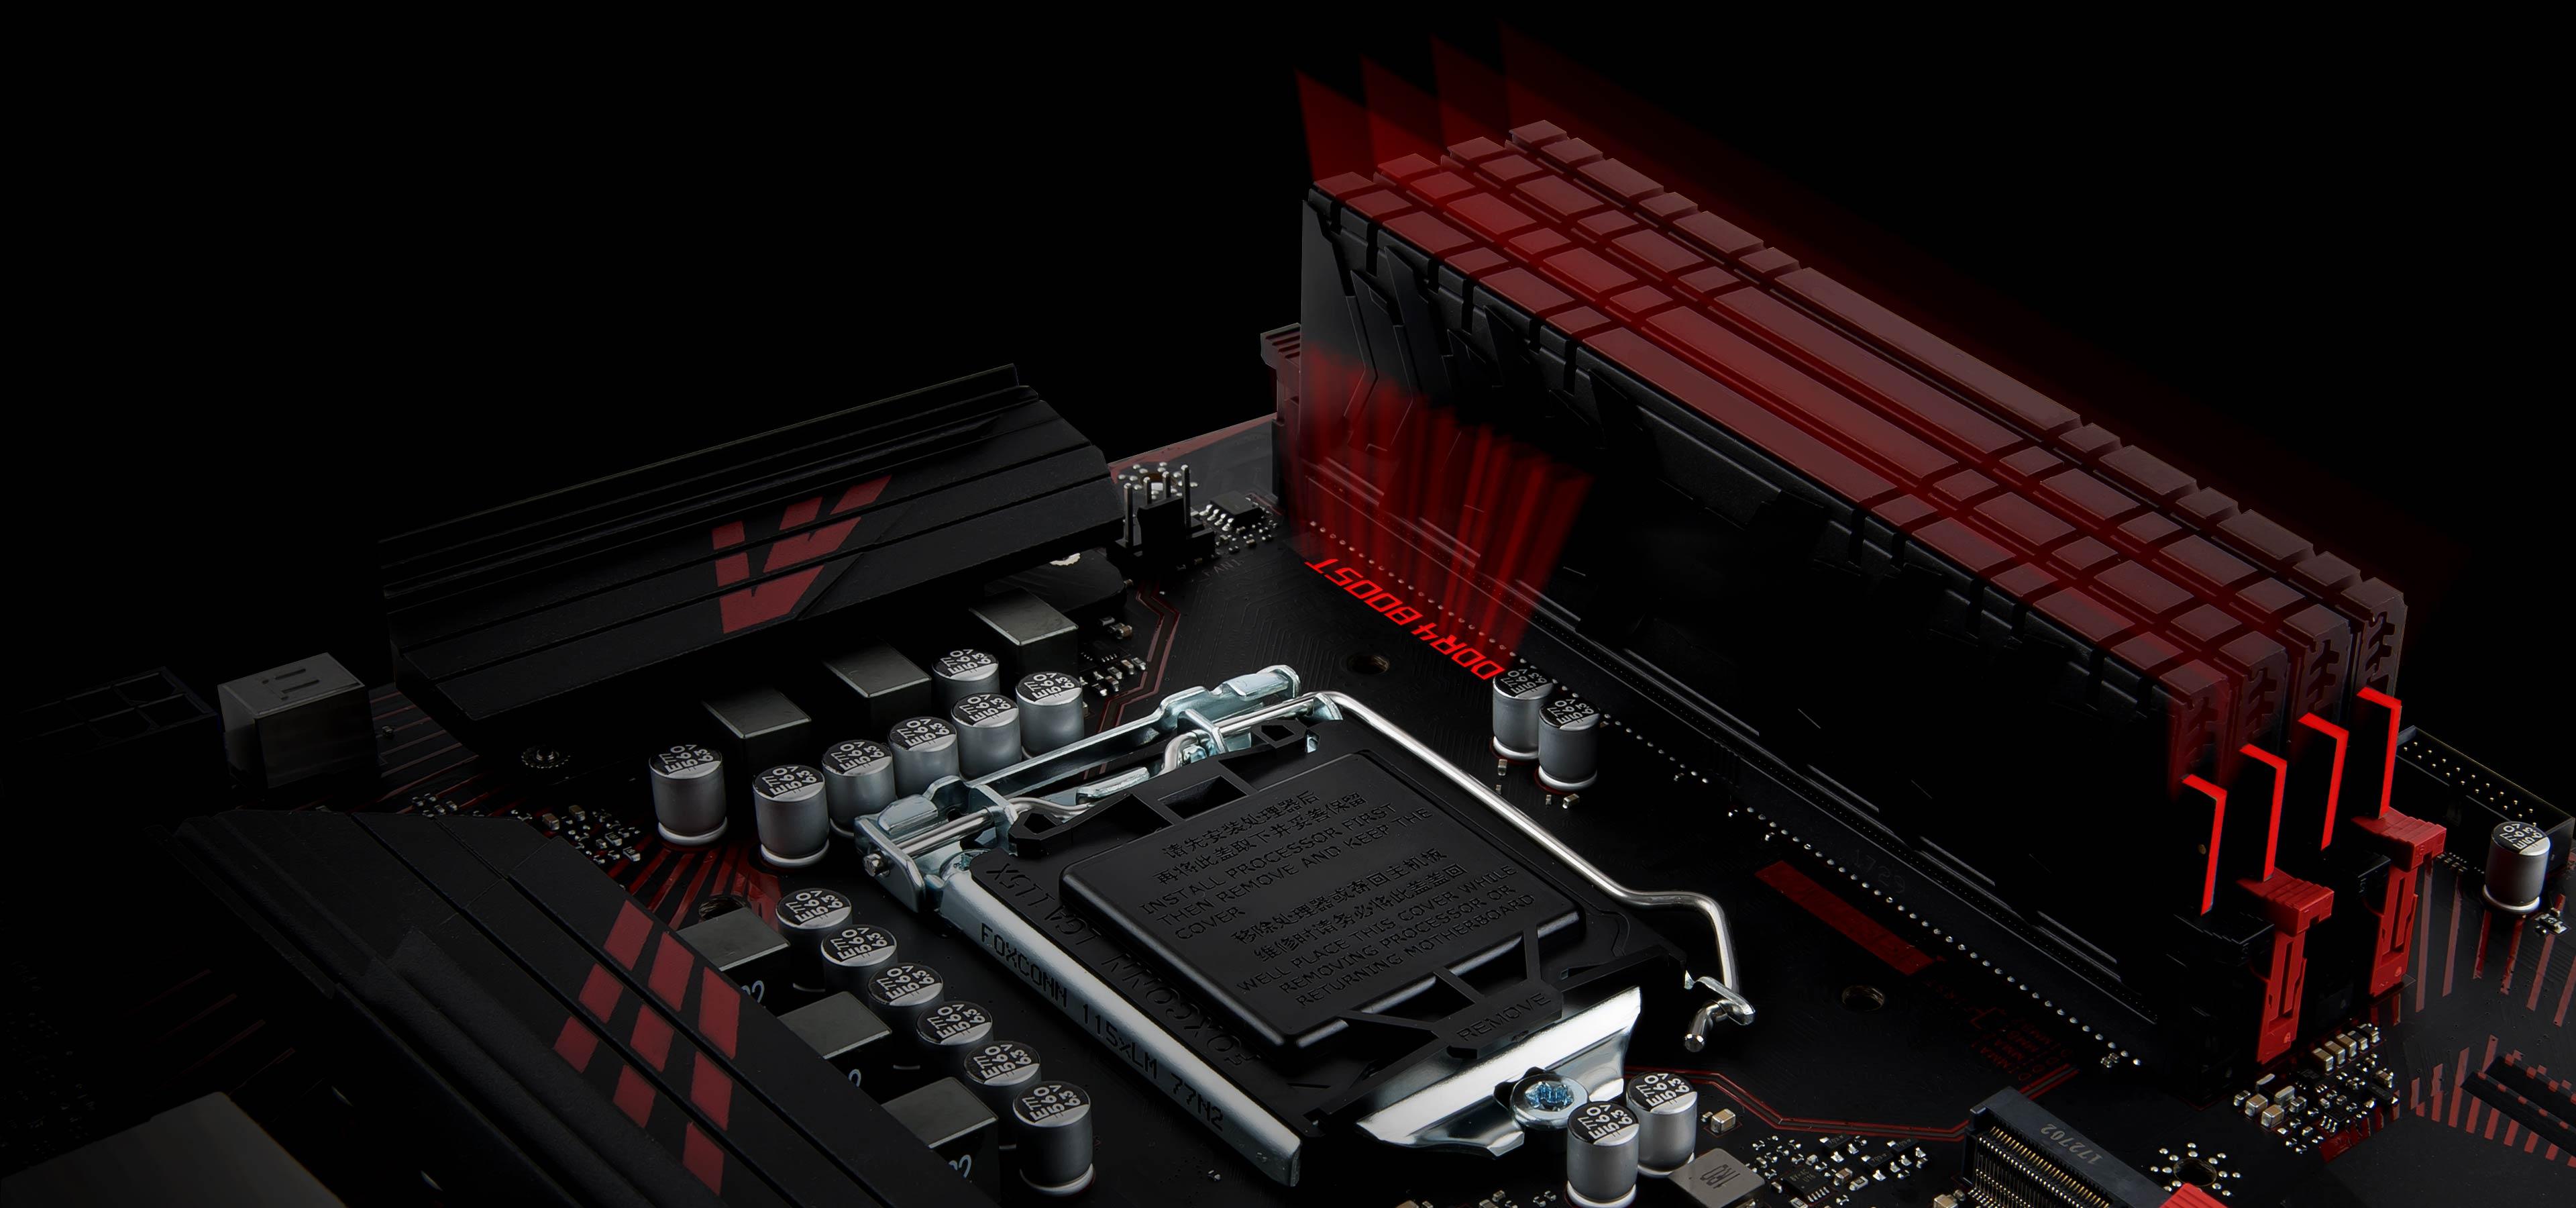 Intel Z370 SATA 6Gb//s USB 3.1 ATX Int MSI Z370 GAMING PLUS LGA 1151 300 Series